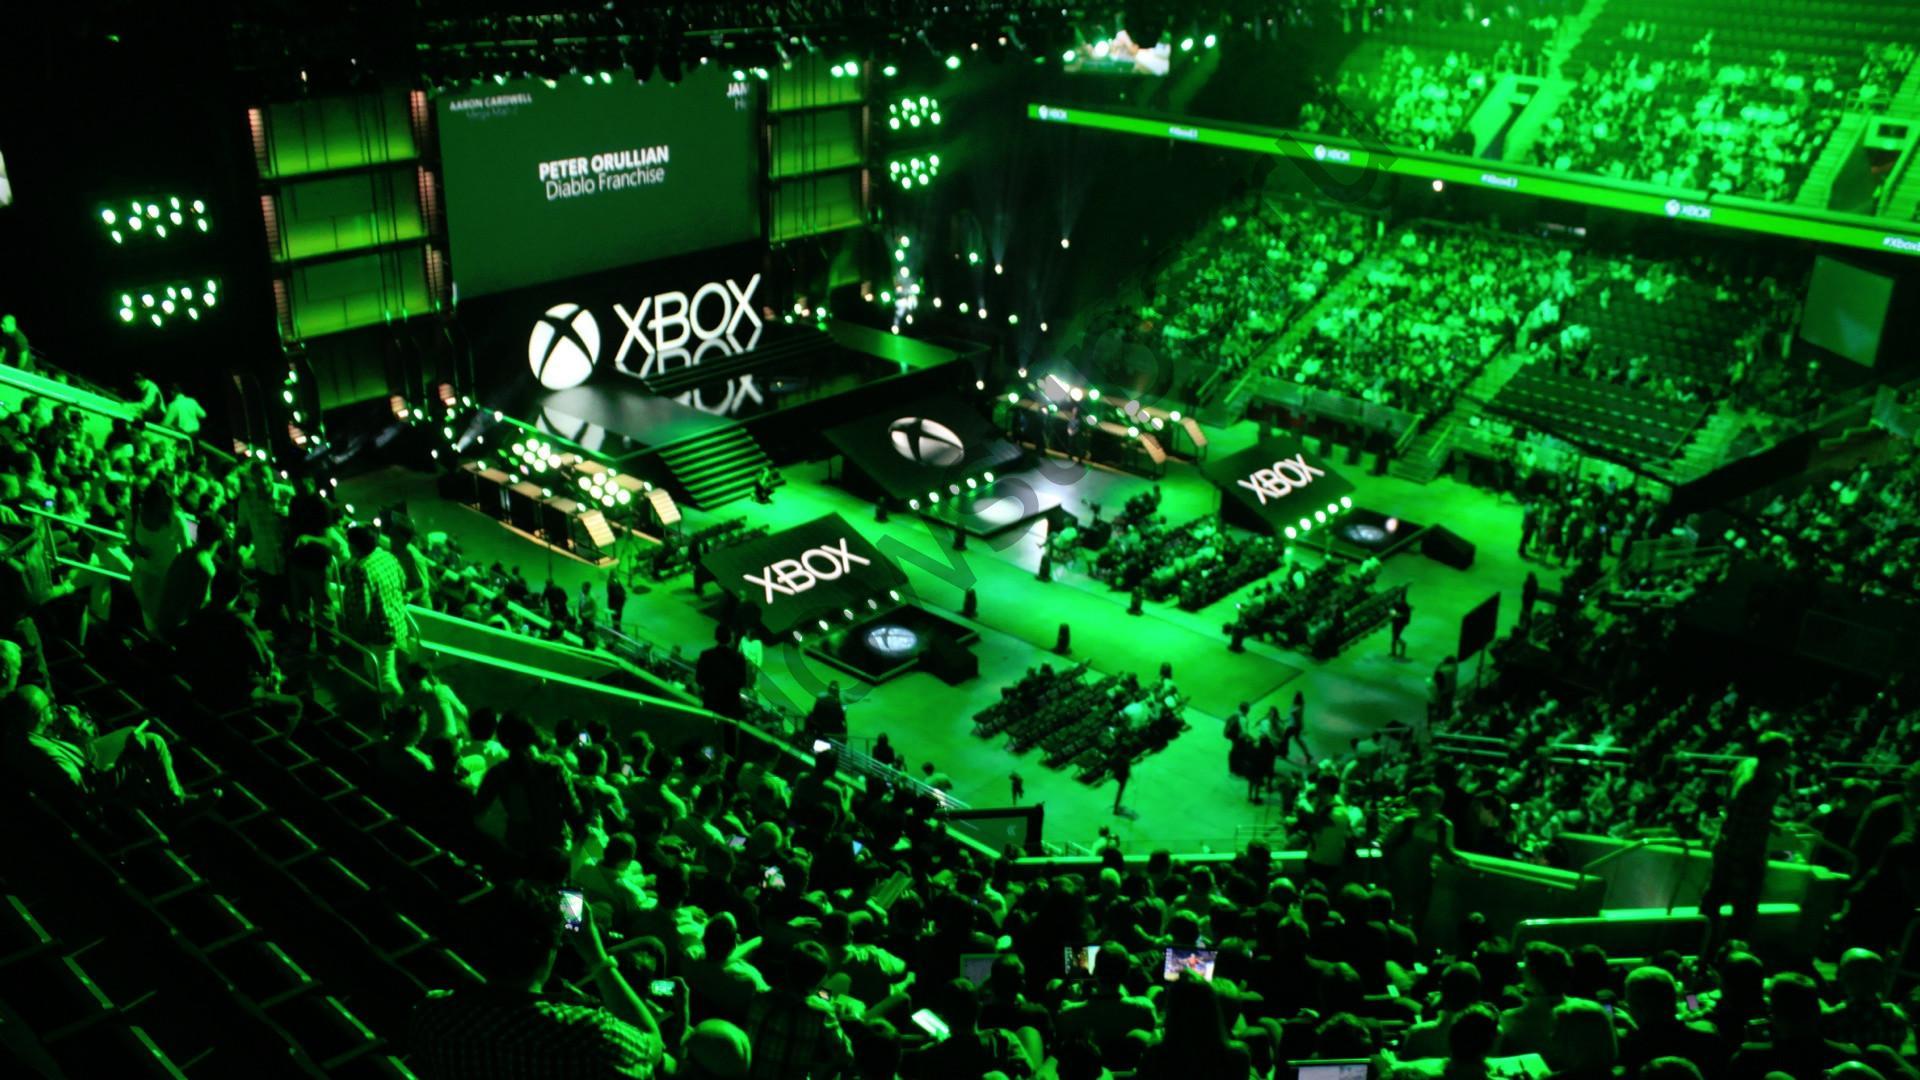 Пресс-конференция Microsoft E3 2017 может продлиться дольше, чем обычно